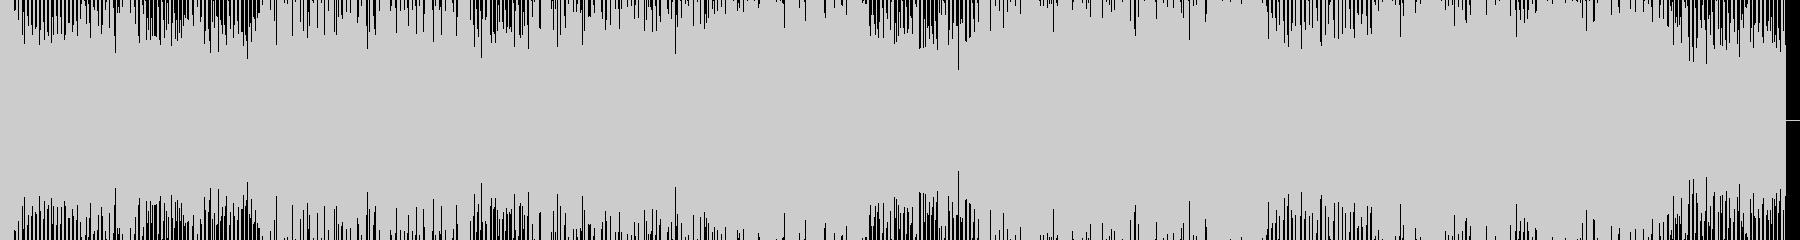 ポップロックソング70年代。の未再生の波形